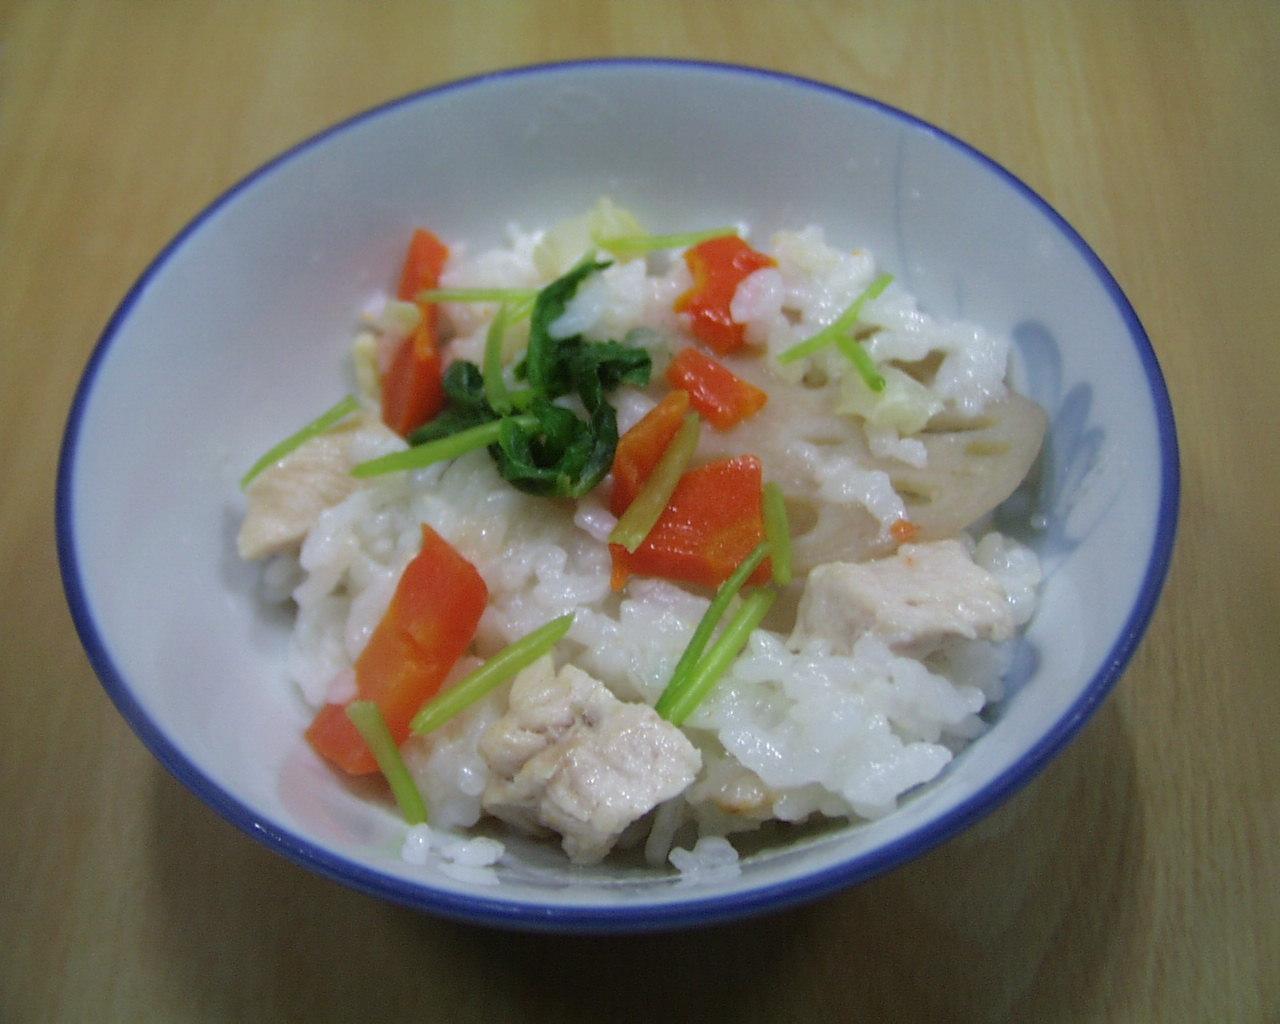 鶏肉、三つ葉、にんじん、れんこんの炊き込みご飯